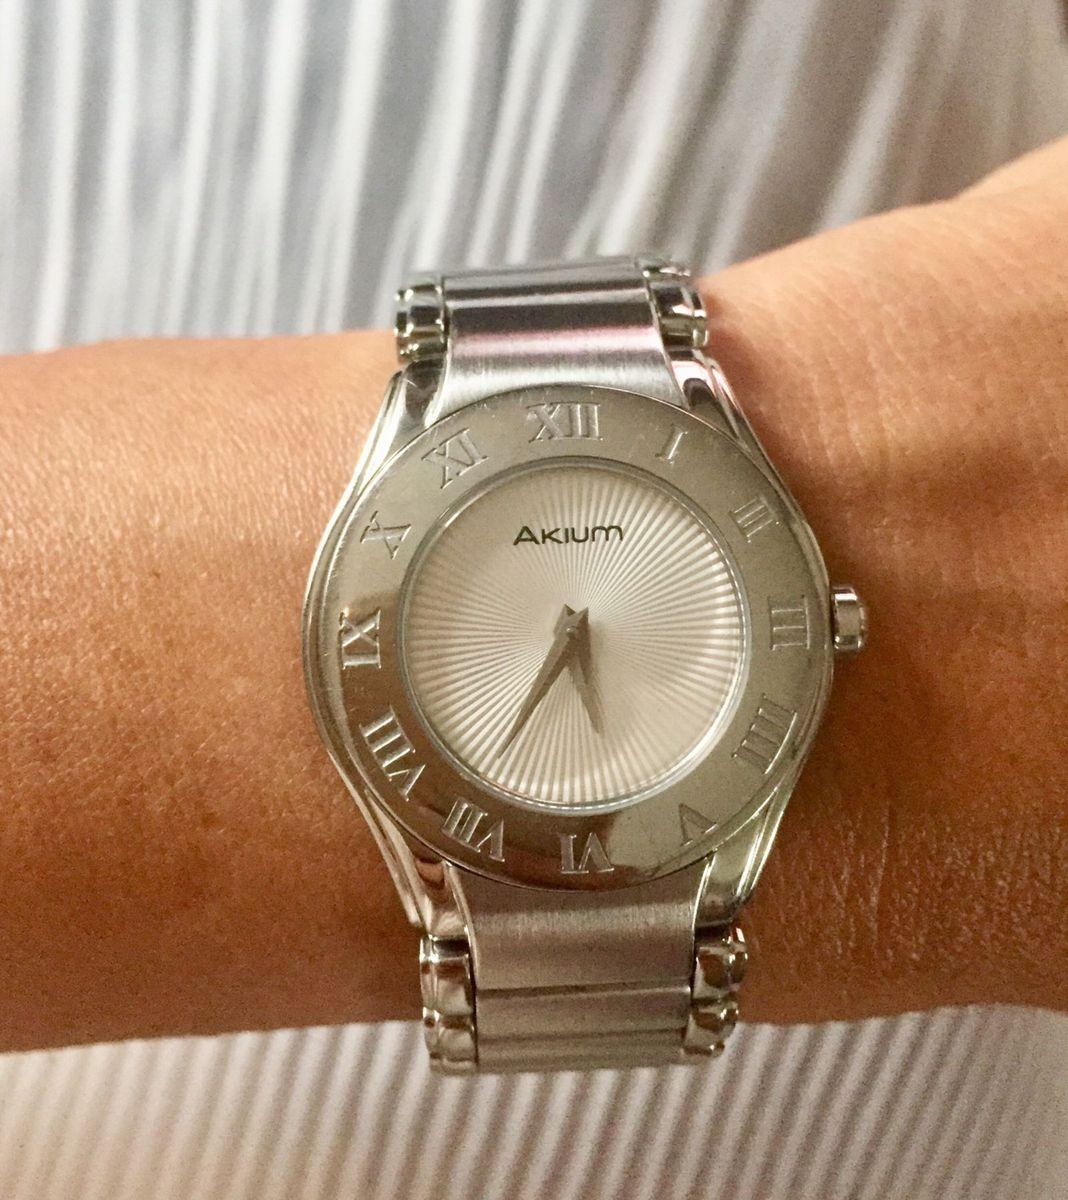 ac8de25816d relógio akium - relógios vivara.  Czm6ly9wag90b3muzw5qb2vplmnvbs5ici9wcm9kdwn0cy85nzk5otmvnwexmdg3zgi5zwyymdhmogfmzmq2mzmzywu5ytu0mmyuanbn  ...